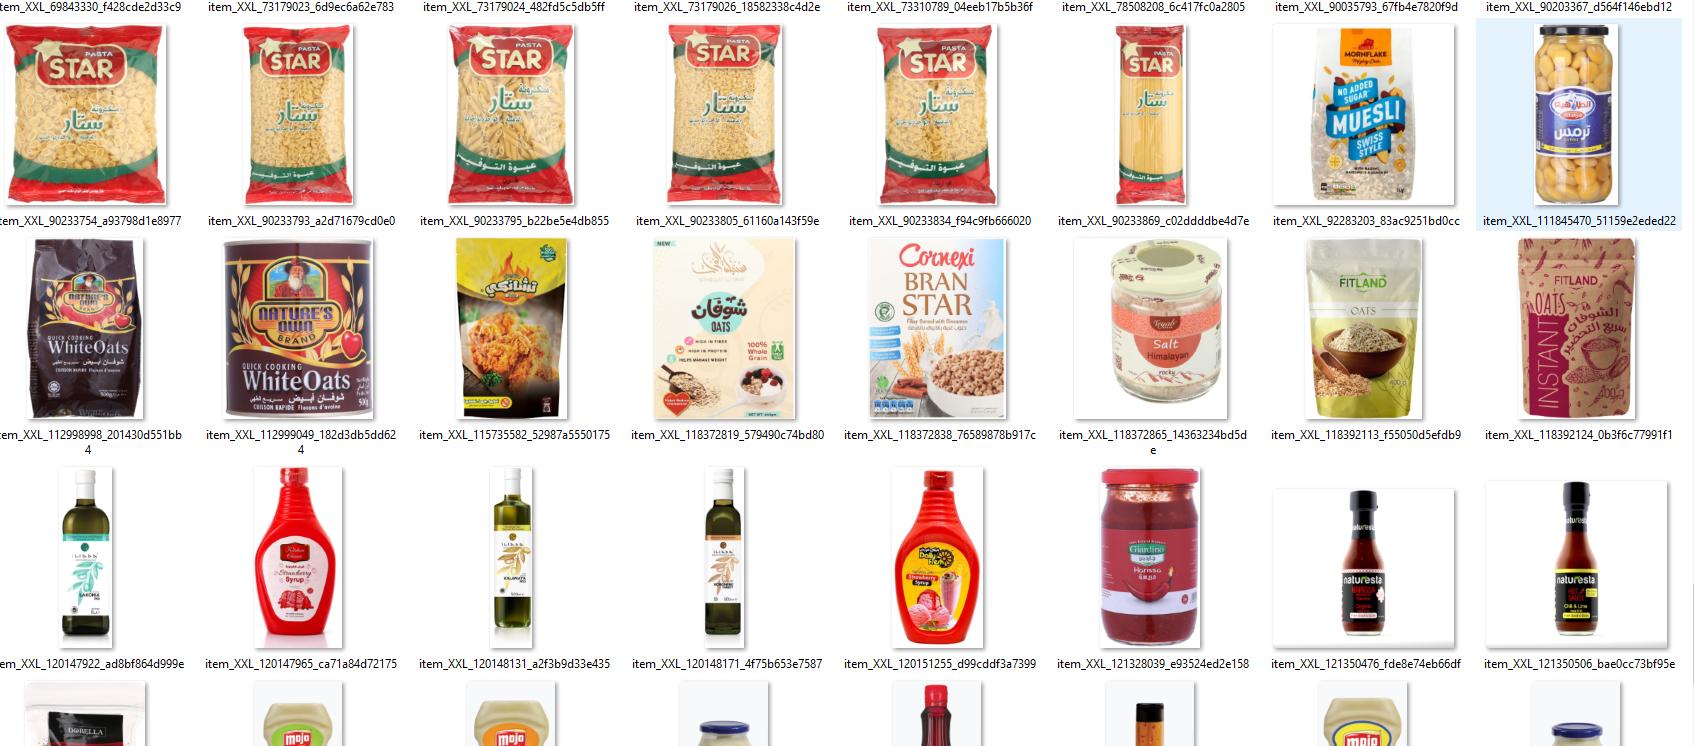 مجموعة صور متوسطة الجودة خاصة بمنتجات محلات البقالة والسوبر ماركت